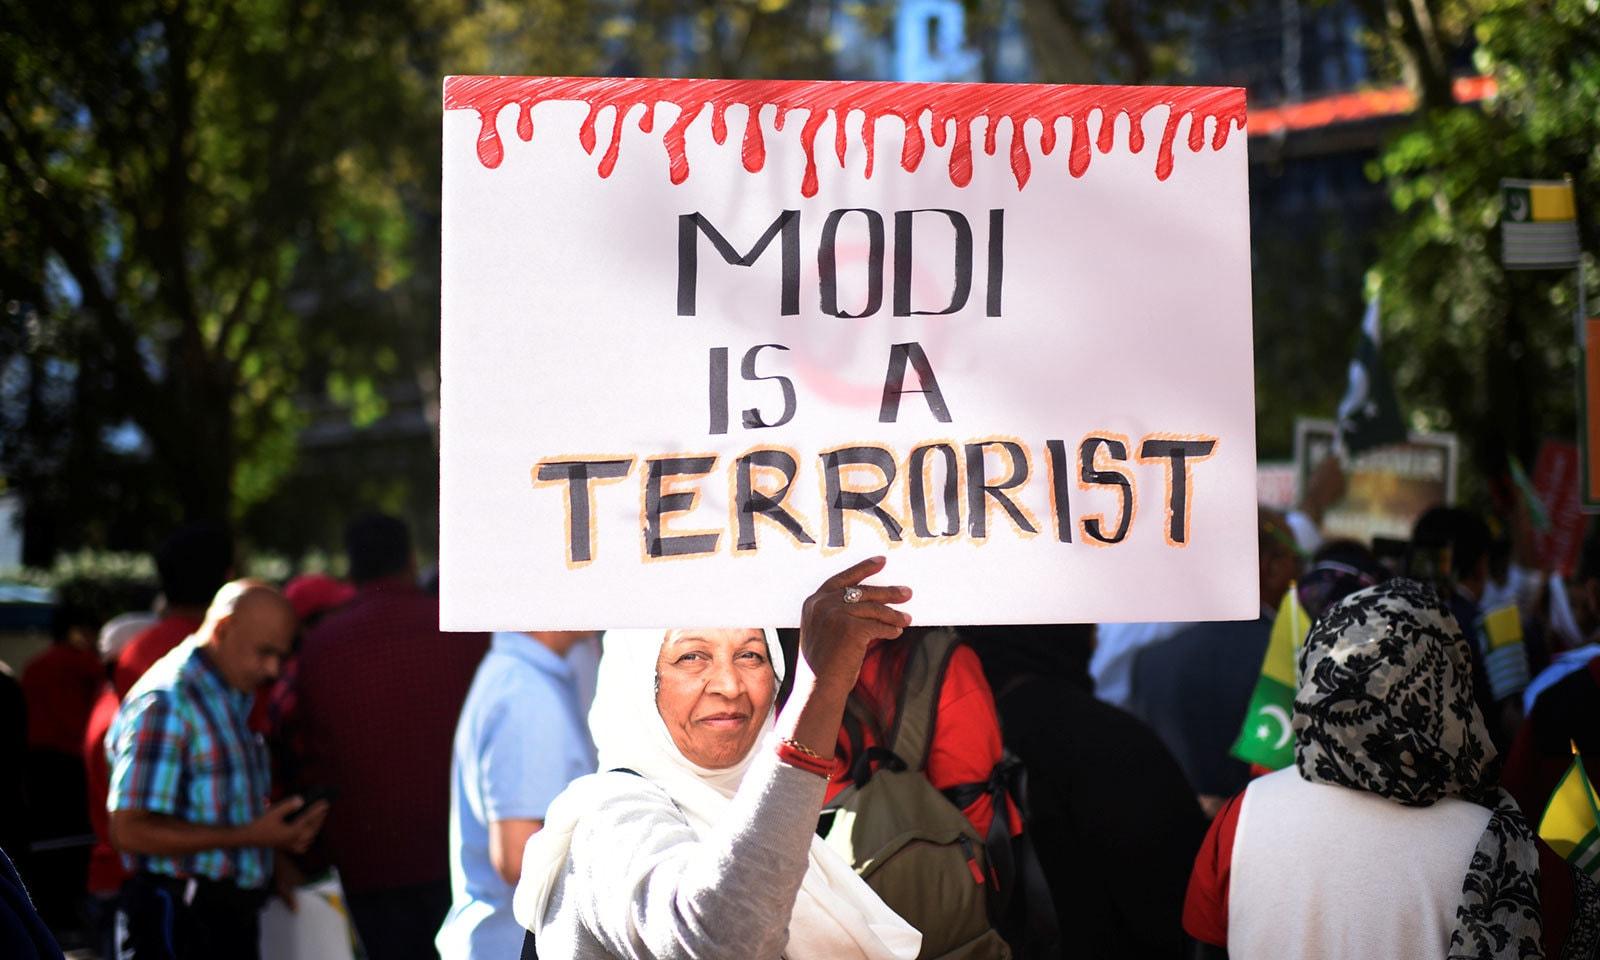 مظاہرین نے مودی کو دہشت گرد قرار دیا—فوٹو:رائٹرز